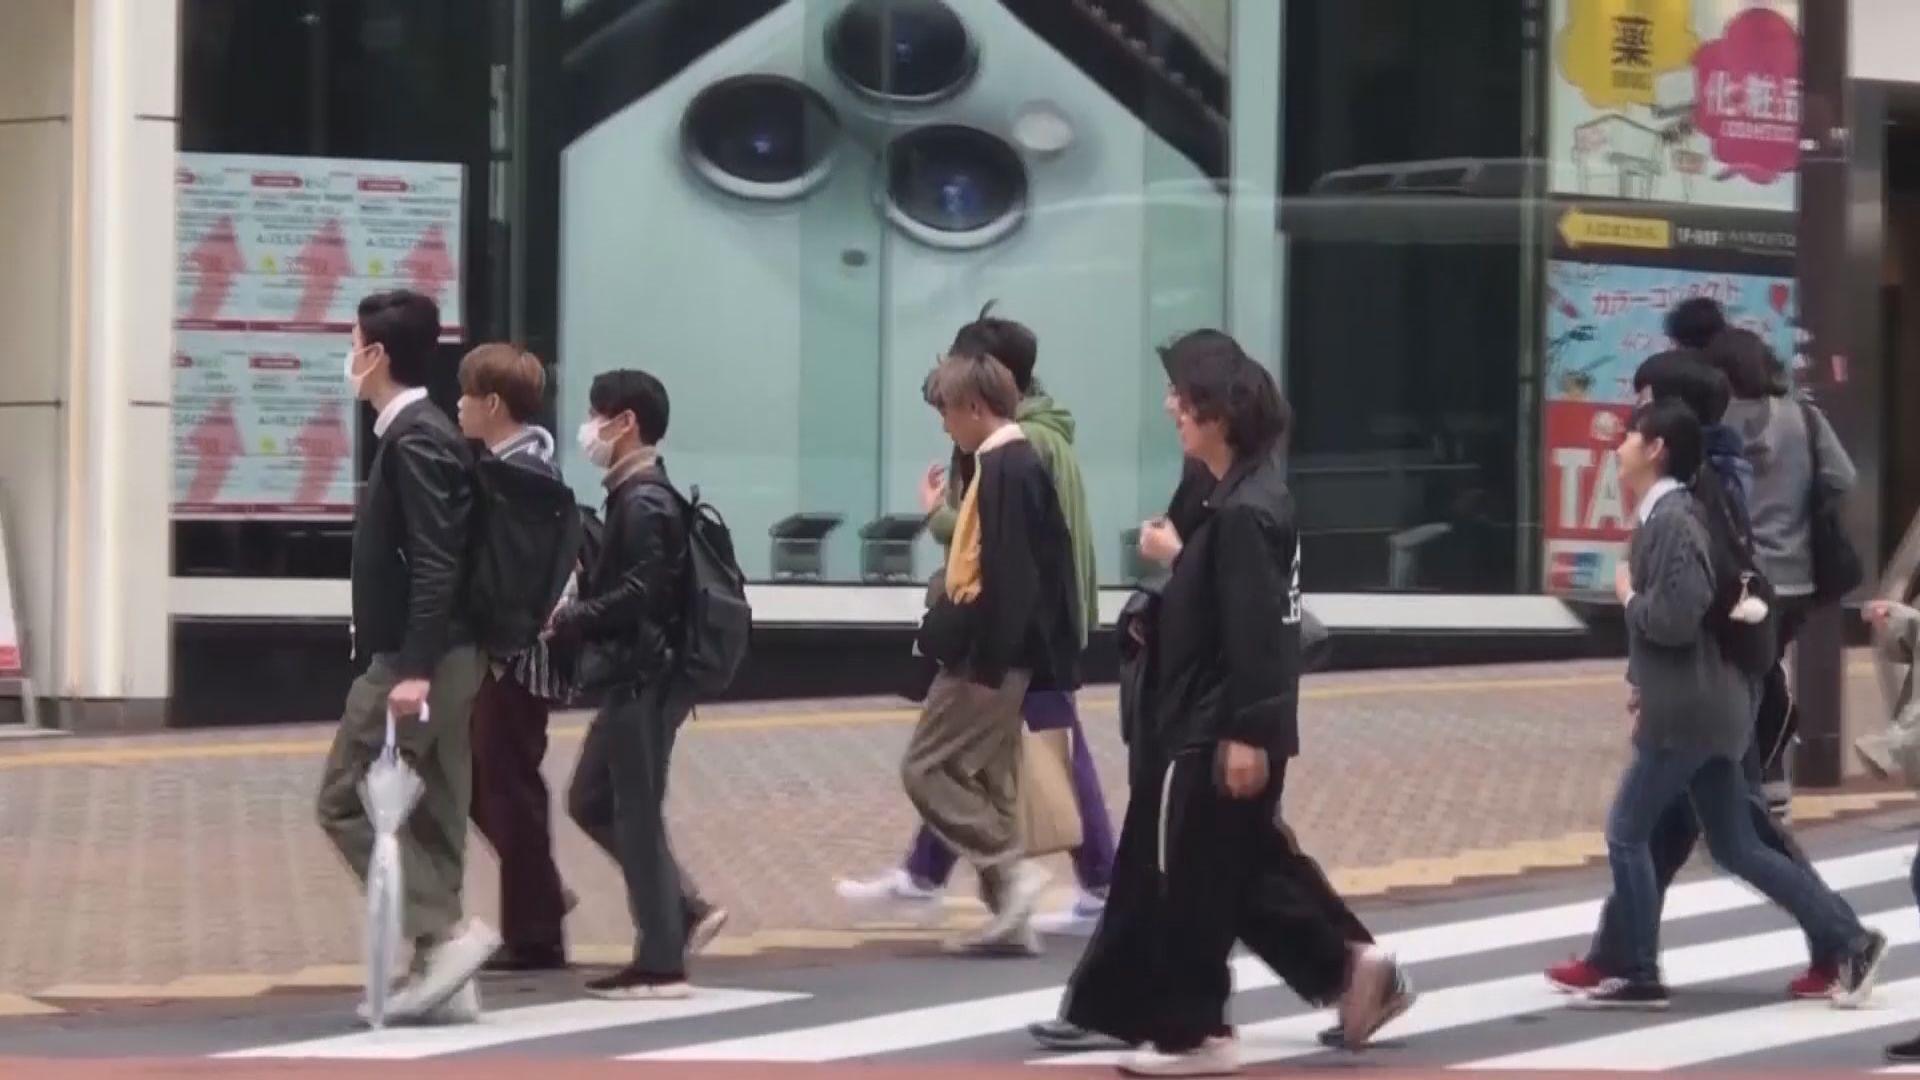 據報日本首都圈地區周六起進入緊急狀態一個月